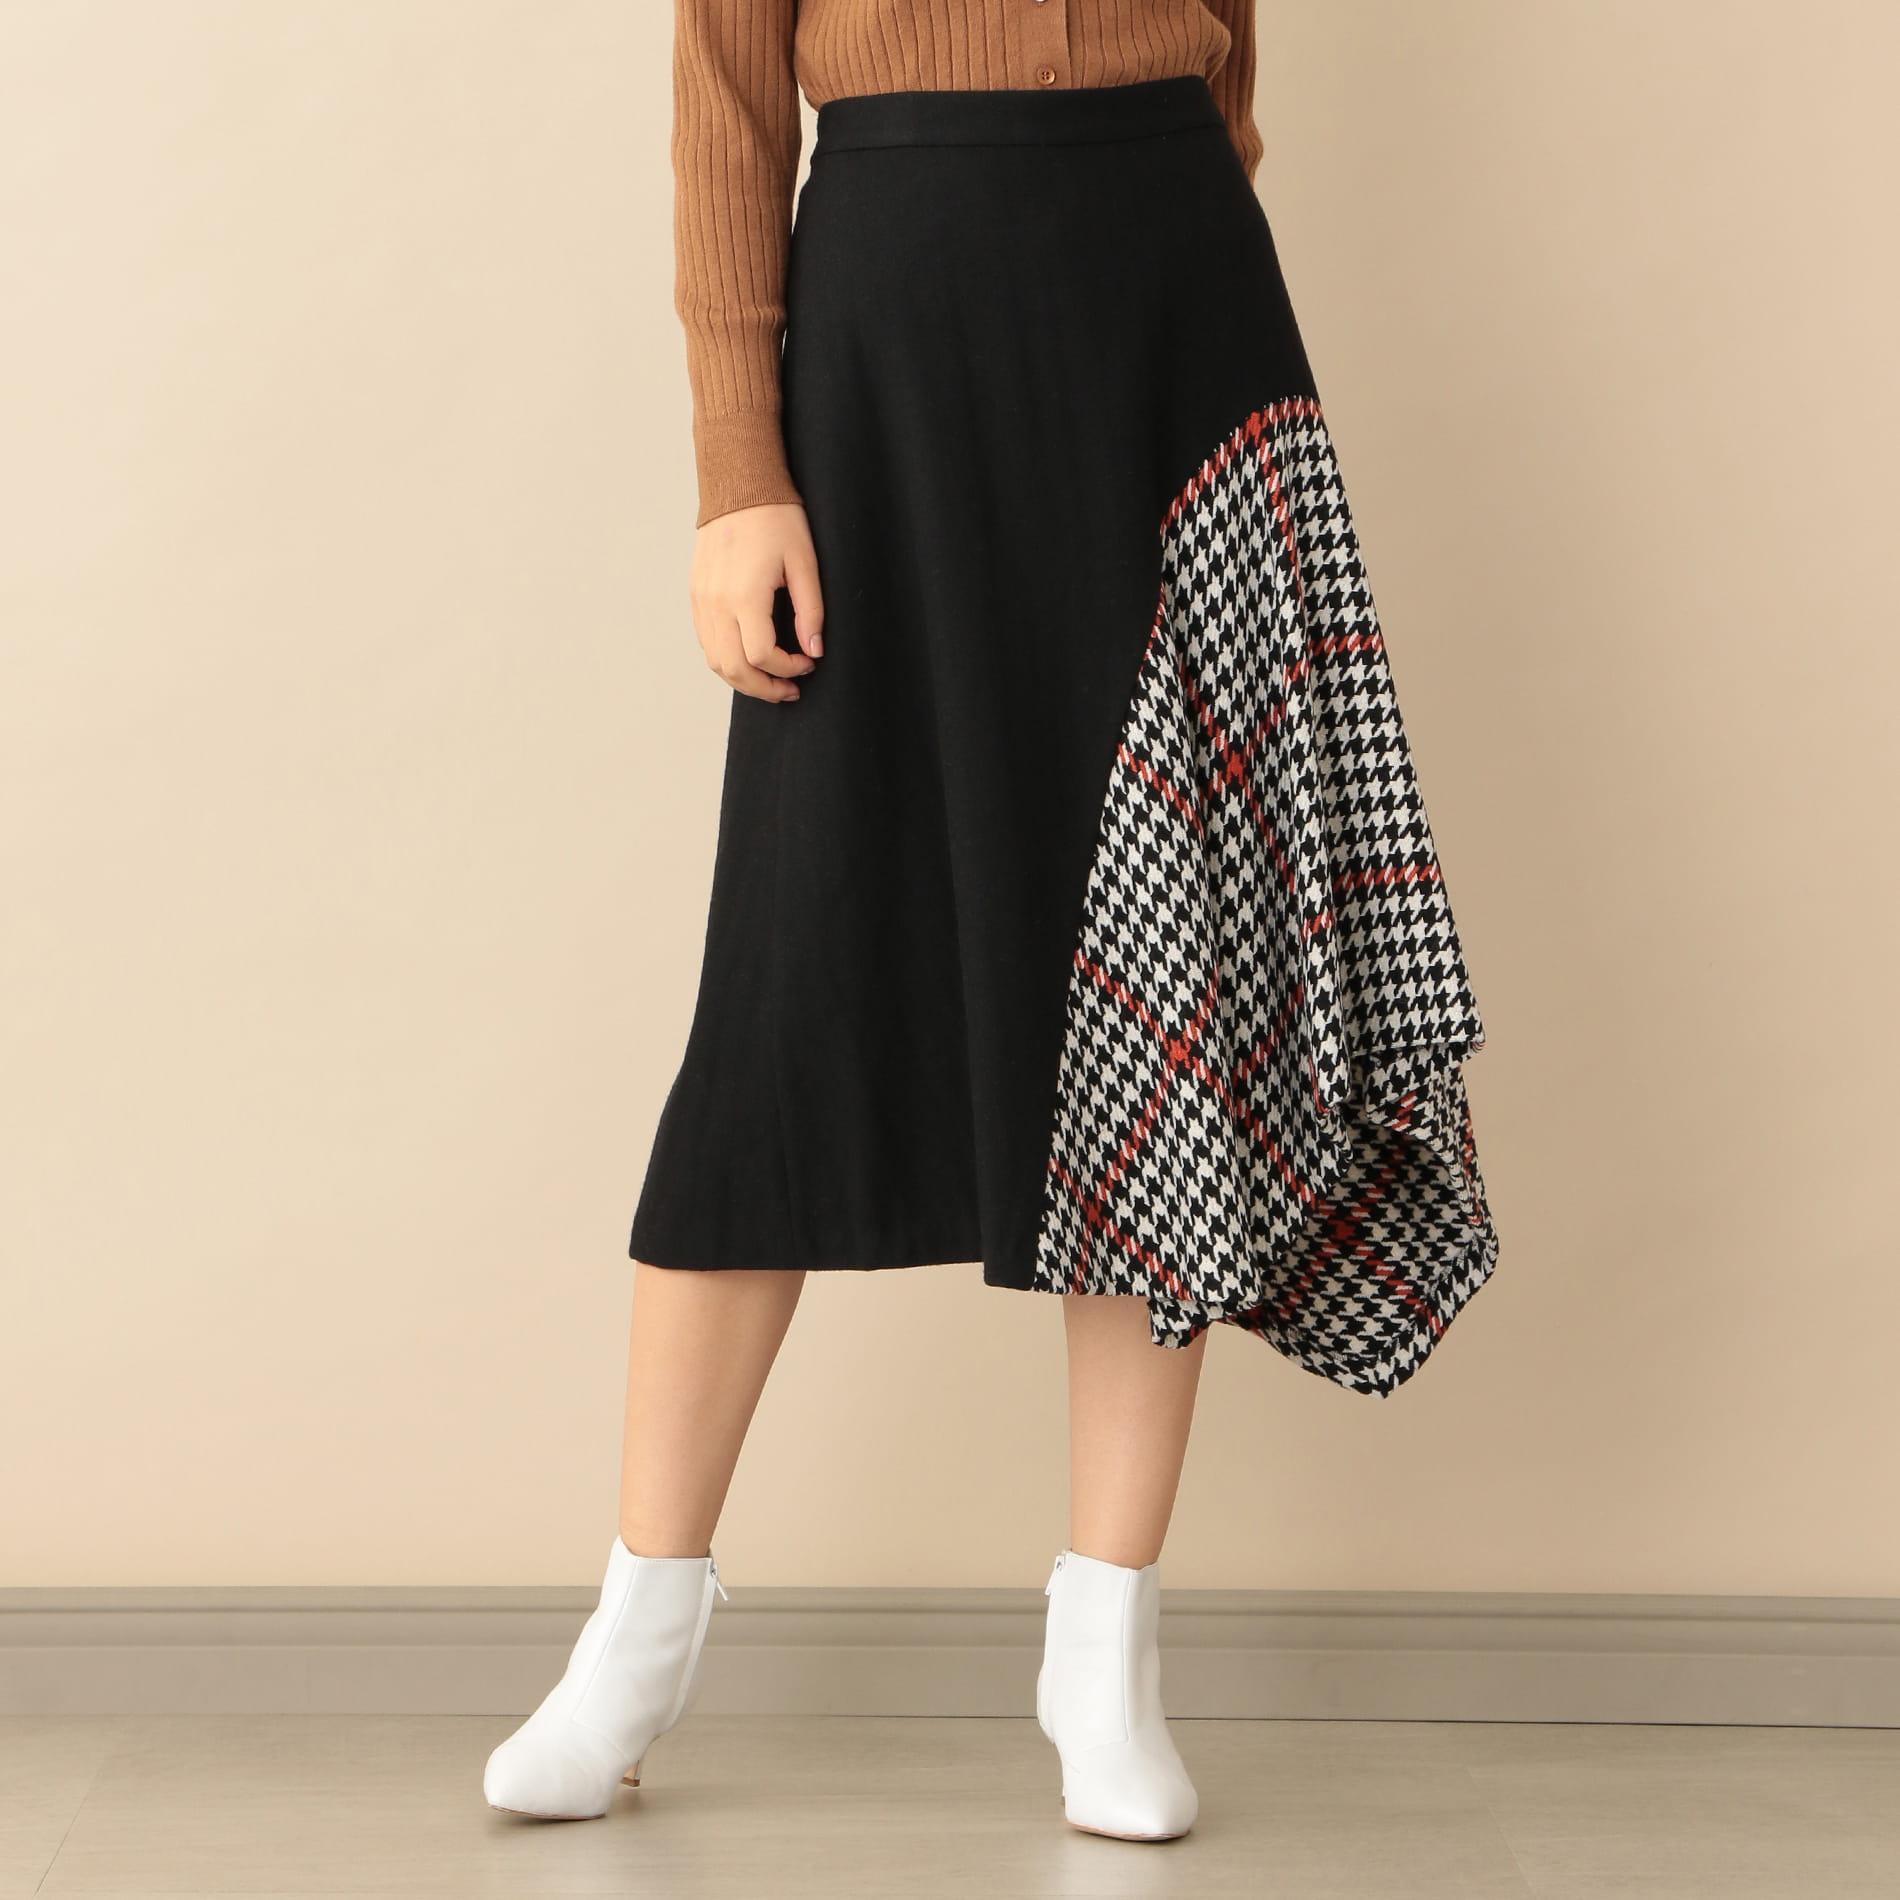 ヘンリボーン×チェックコンビスカート